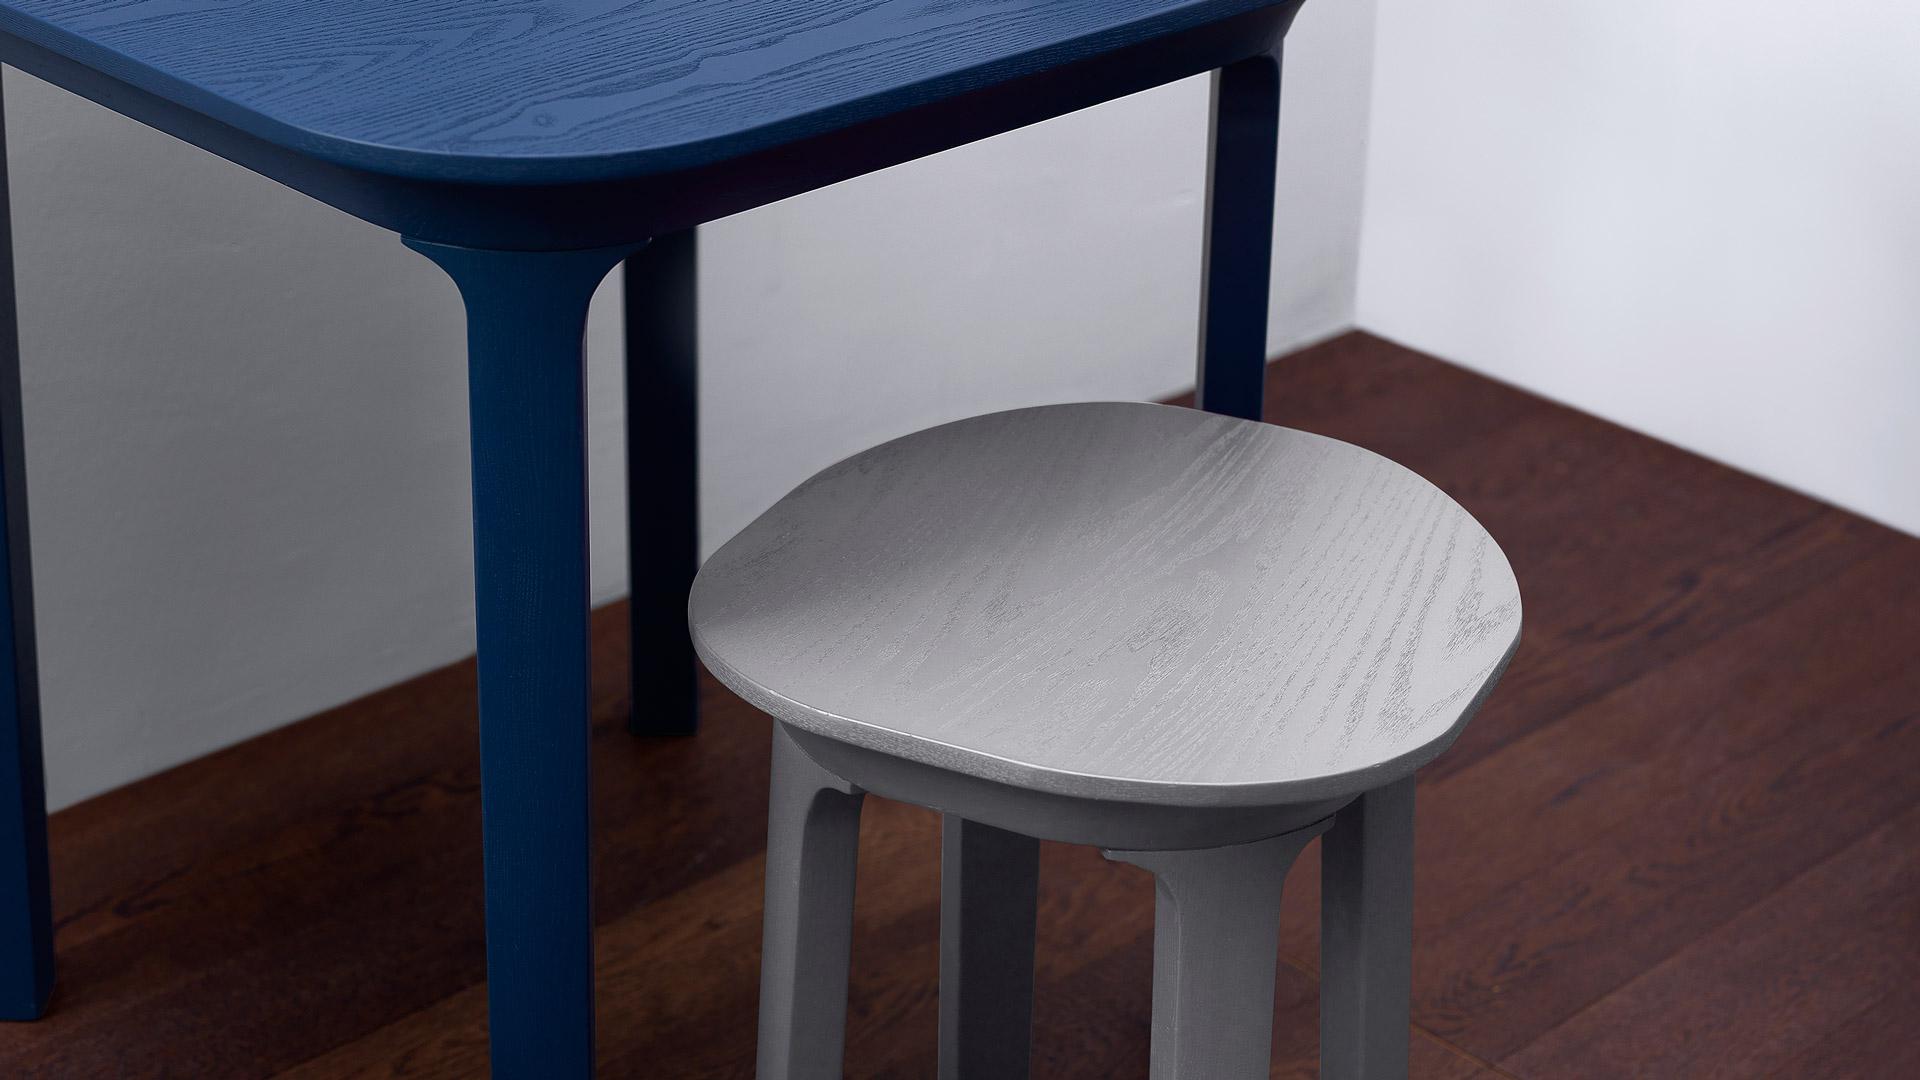 轻质体量,柔和色调,西方技法与东方意象揉合,拓展紧凑空间的使用区域,将围坐的舒适距离再增加几公分。